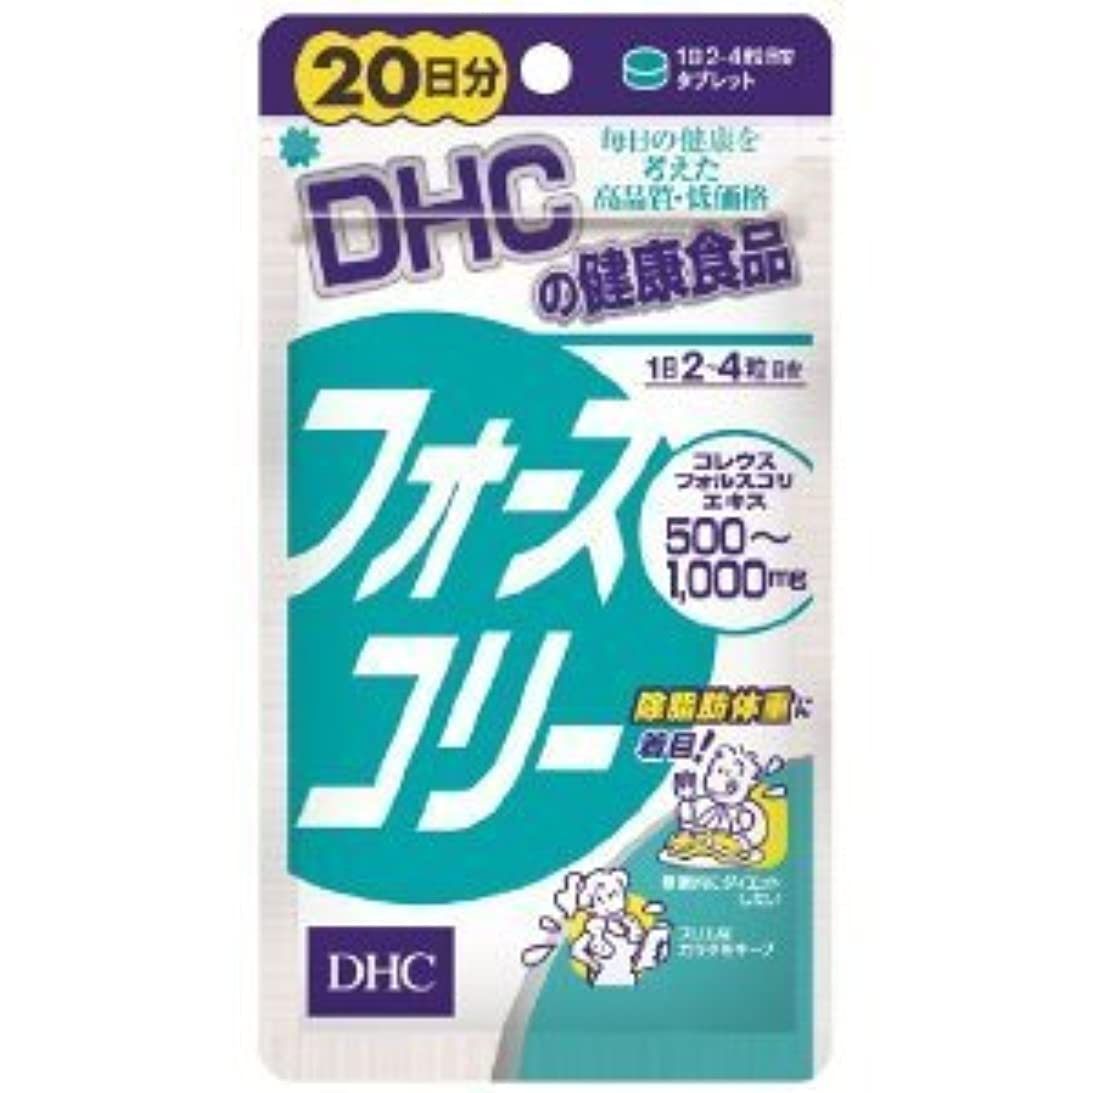 壮大な幸運無許可DHC フォースコリー 80粒 20日分 賞味期限 201604